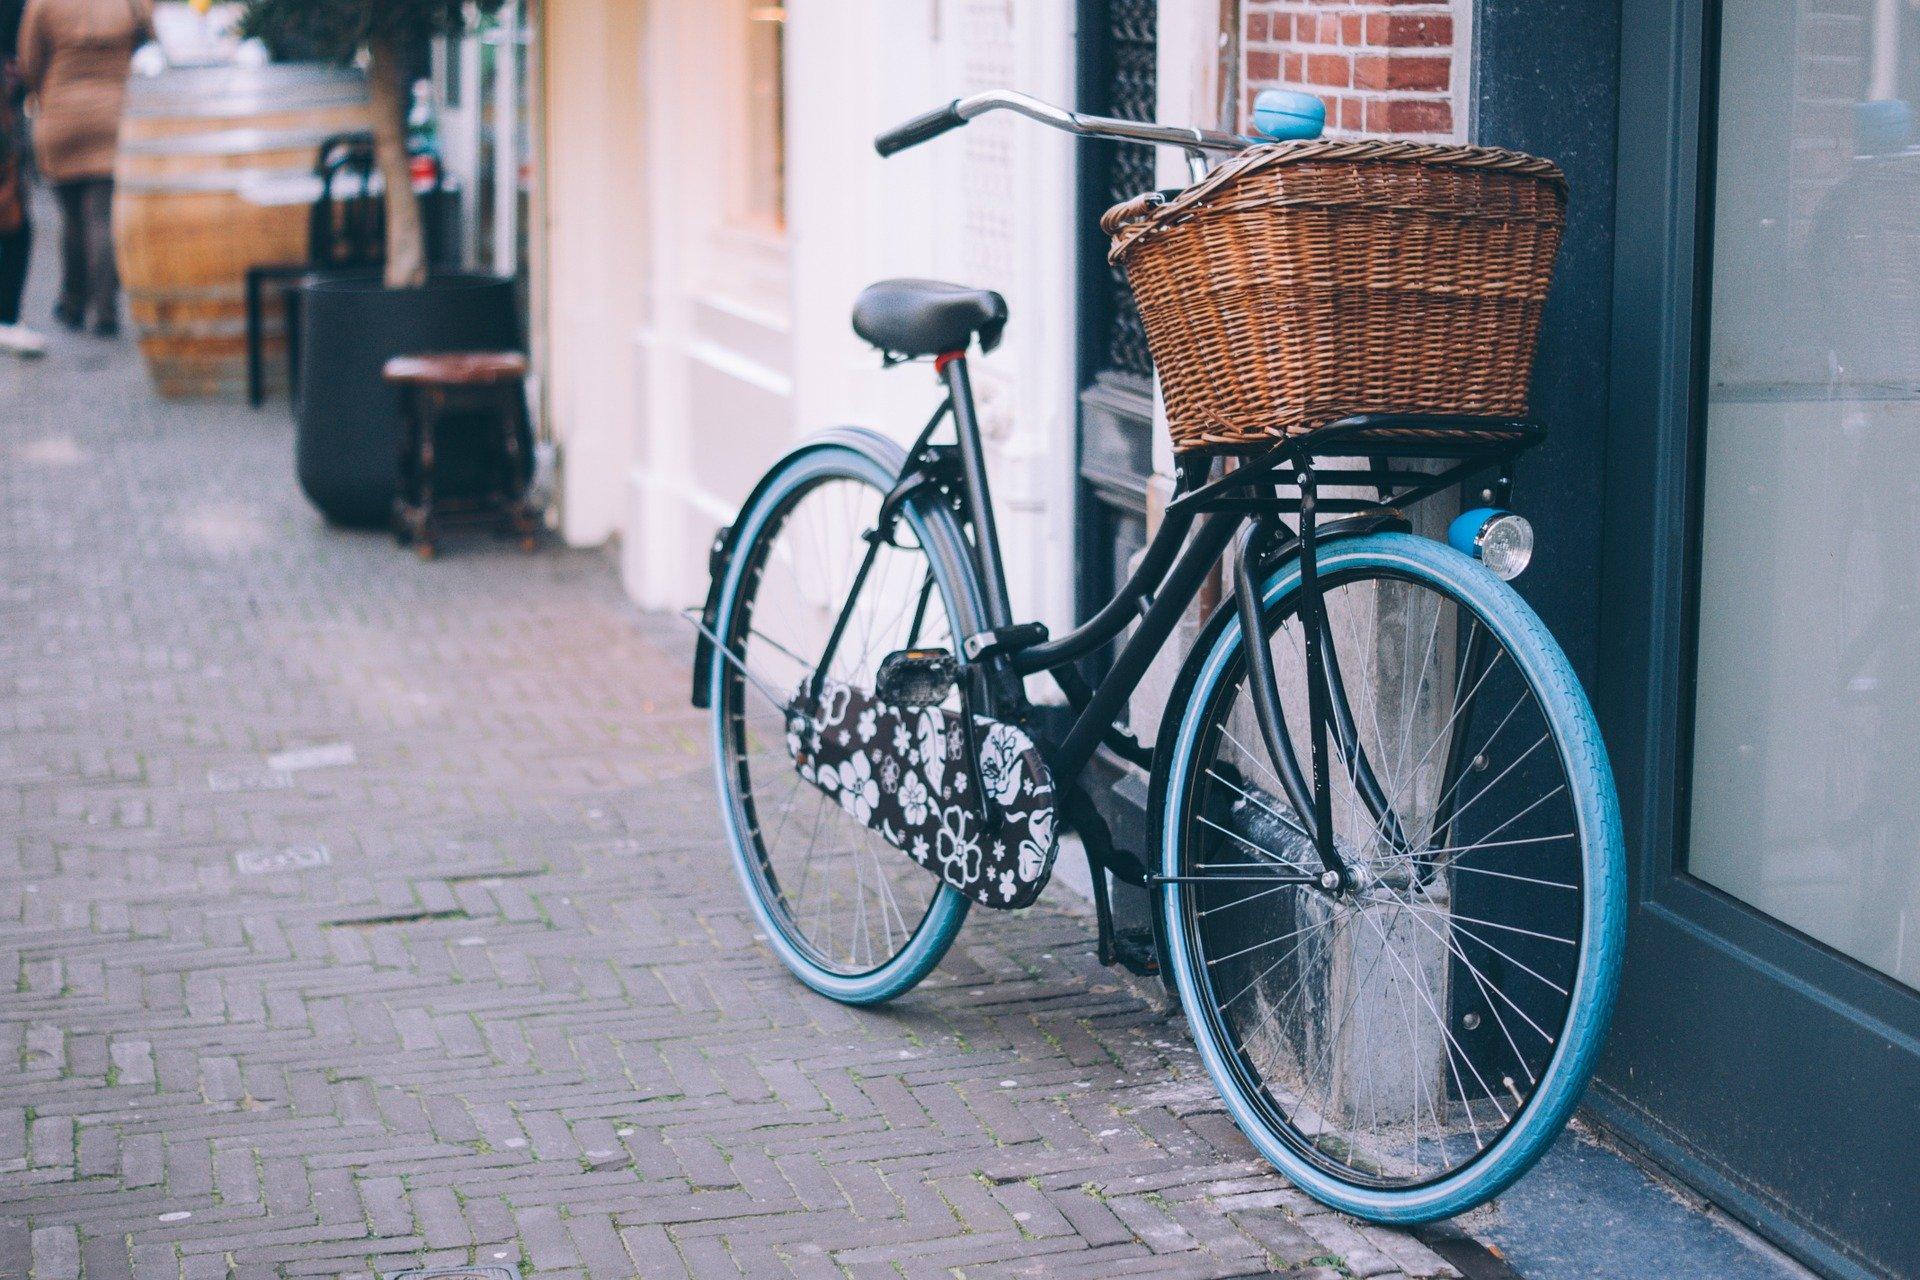 Akcesoria rowerowe, które warto mieć